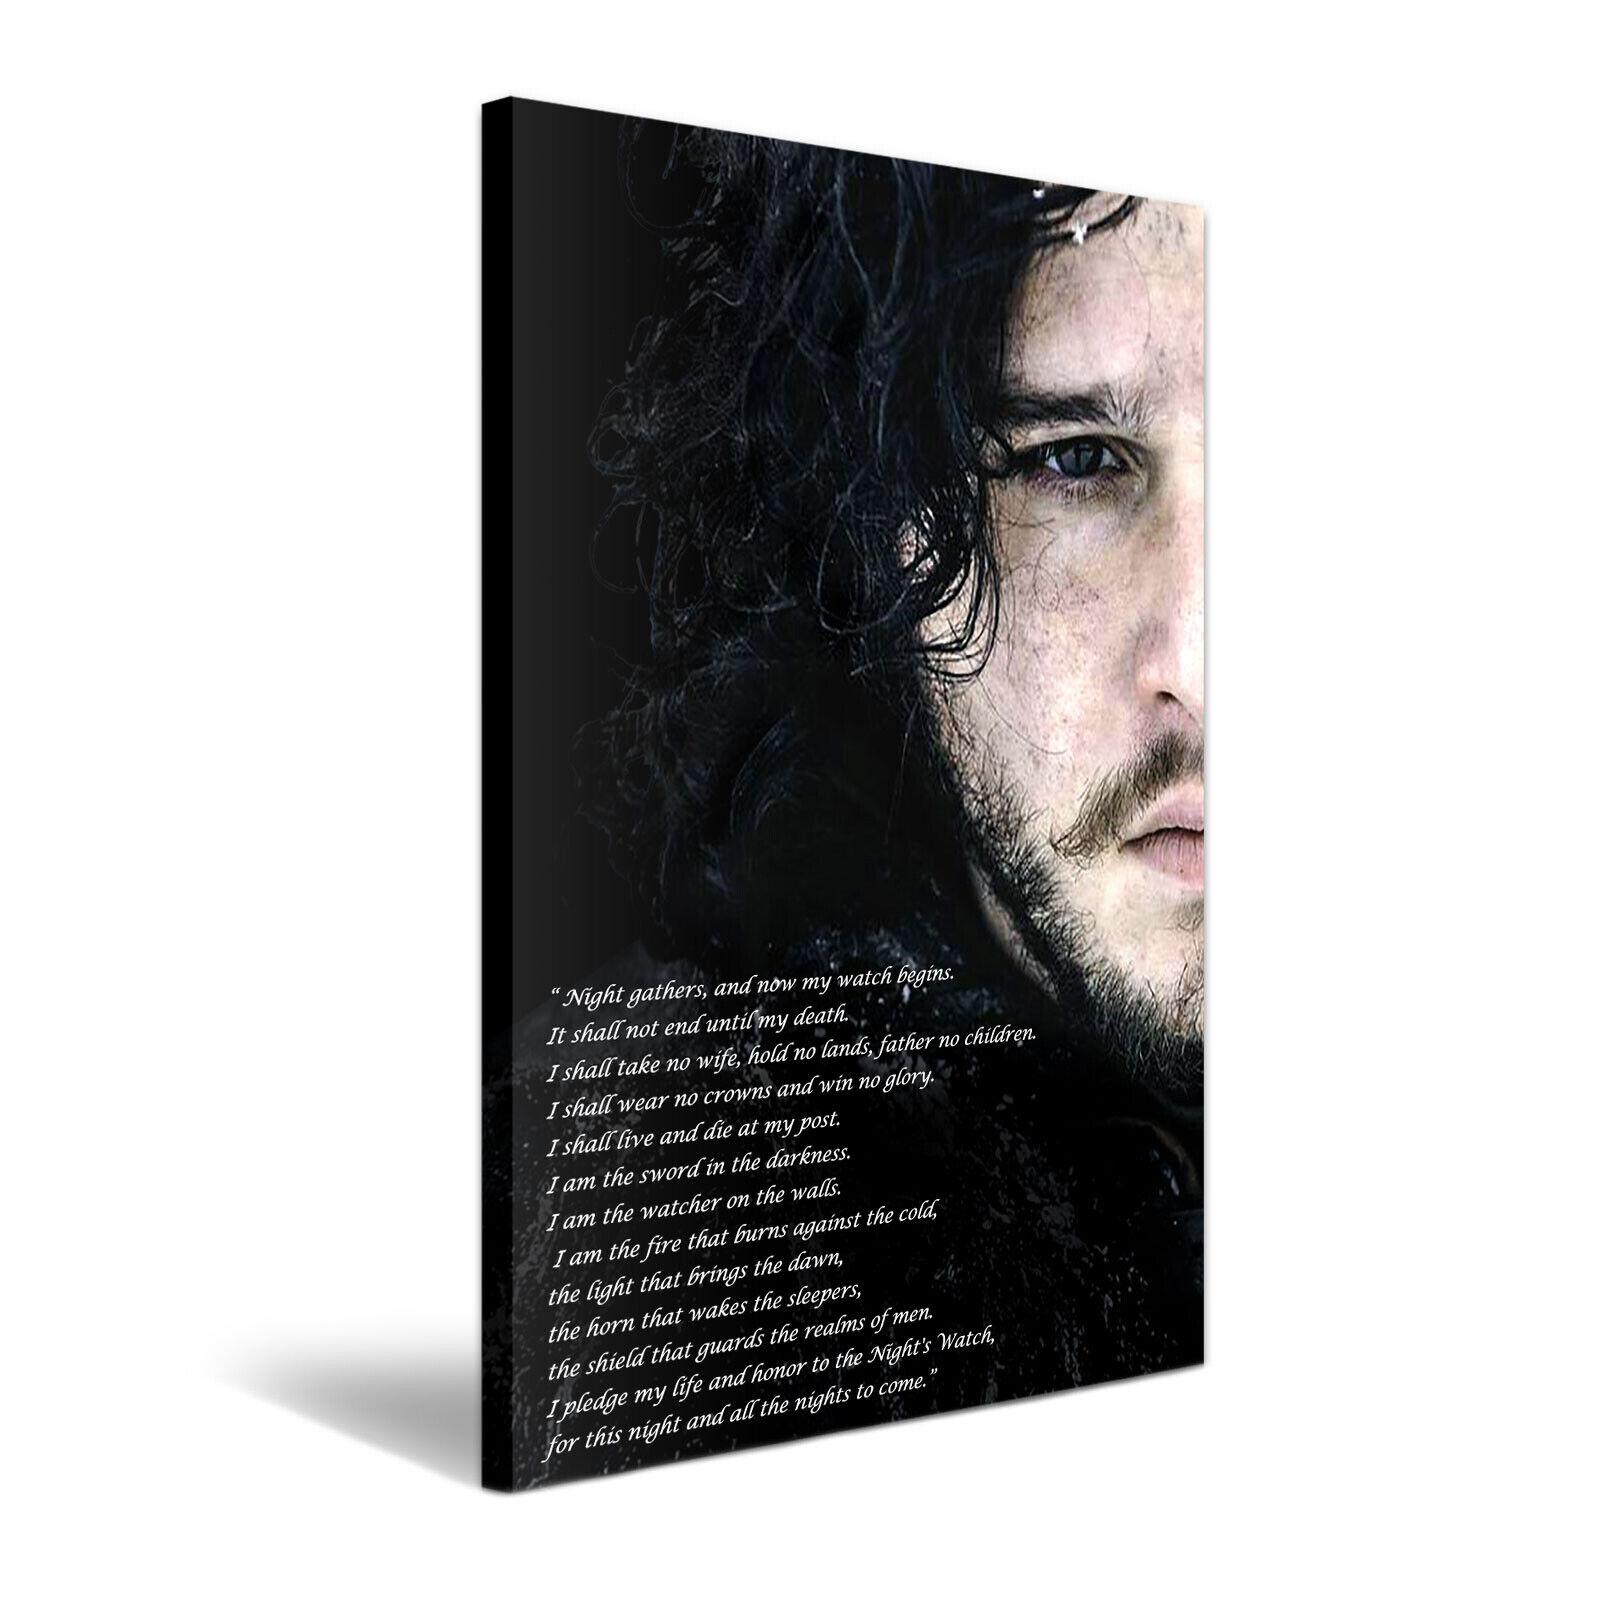 Spiel Of Thrones Jon Snow Night's Watch Vow Stretched Canvas  More Größe